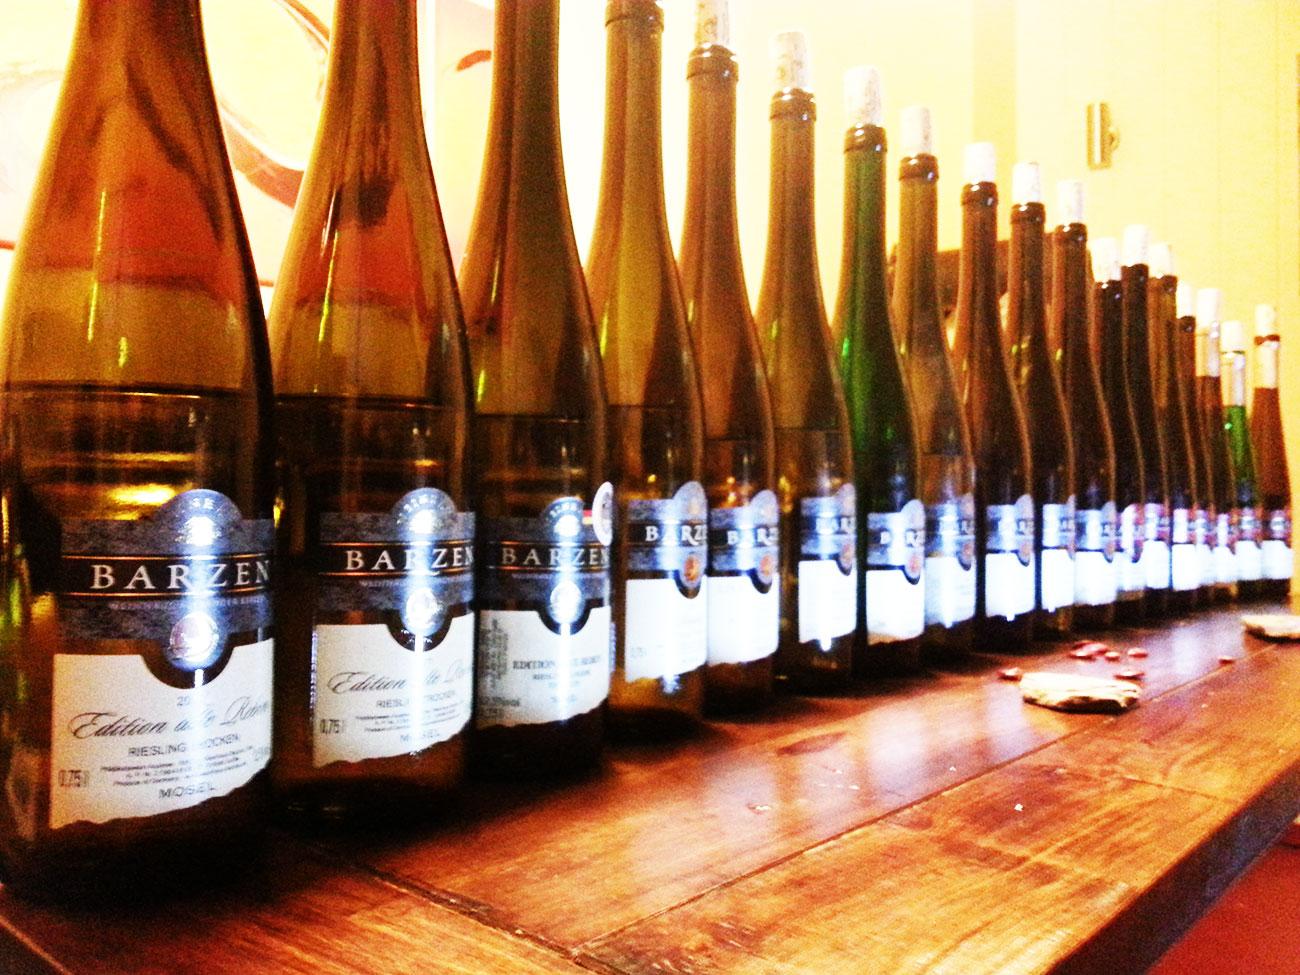 18 vinos Riesling de Alexander Barzen